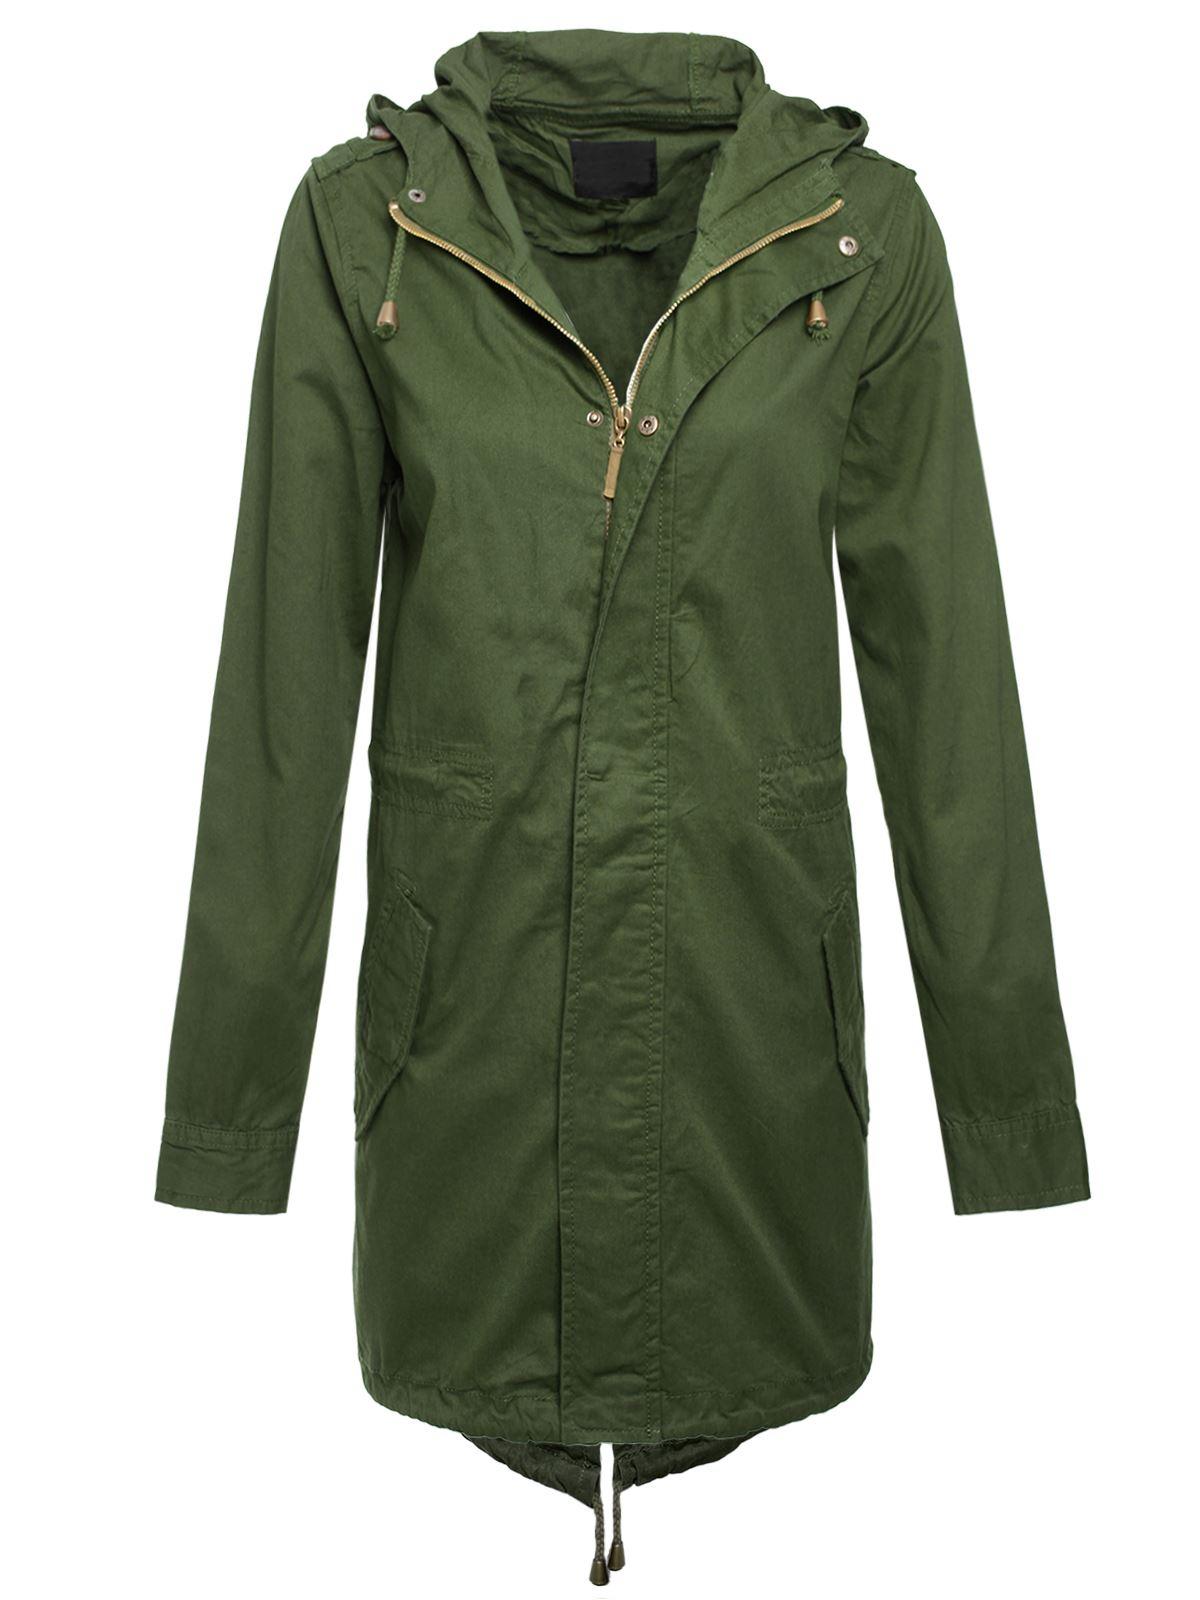 Women s Jackets Outerwear Walmartcom.